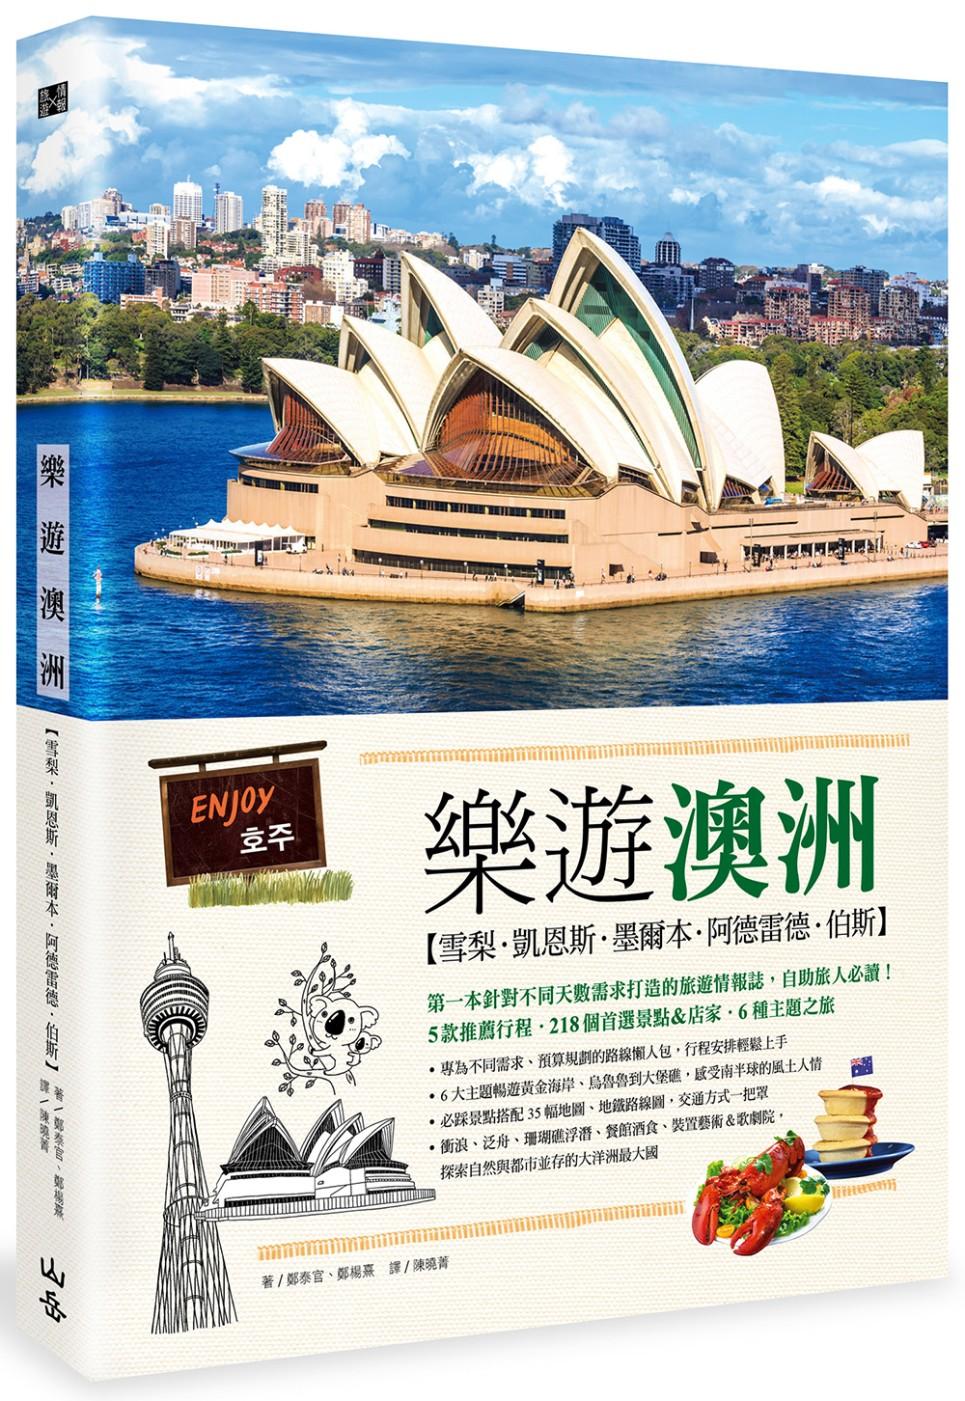 樂遊澳洲:雪梨.凱恩斯.墨爾本...